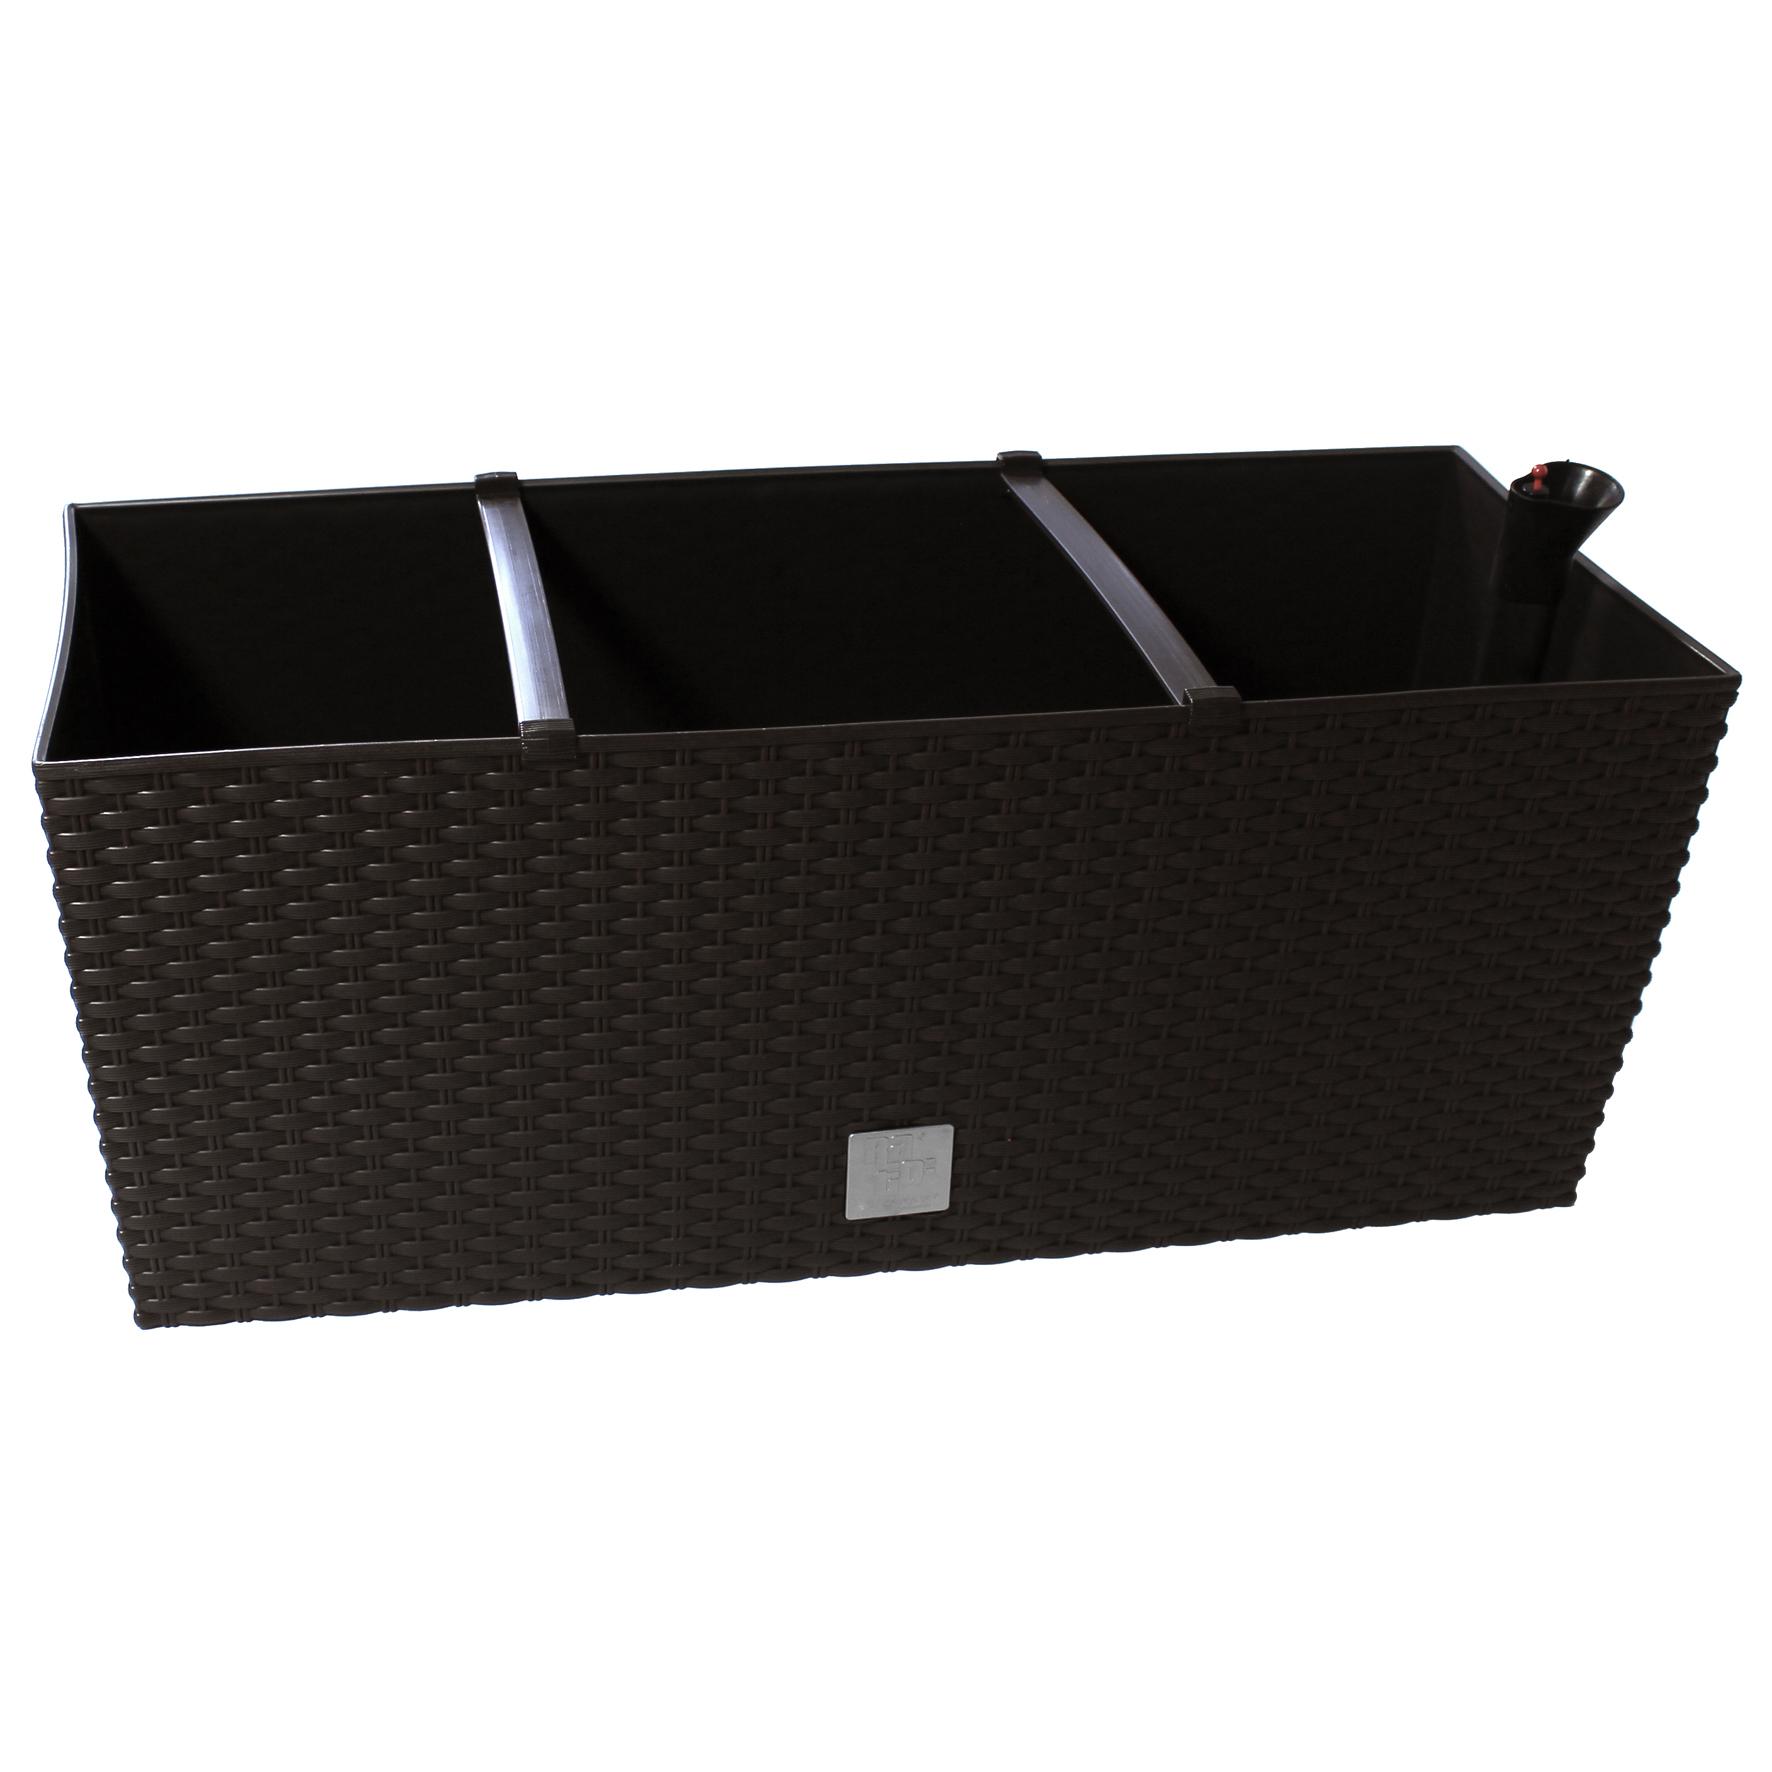 2x blumenkasten f r europalette balkonkasten einsatz. Black Bedroom Furniture Sets. Home Design Ideas